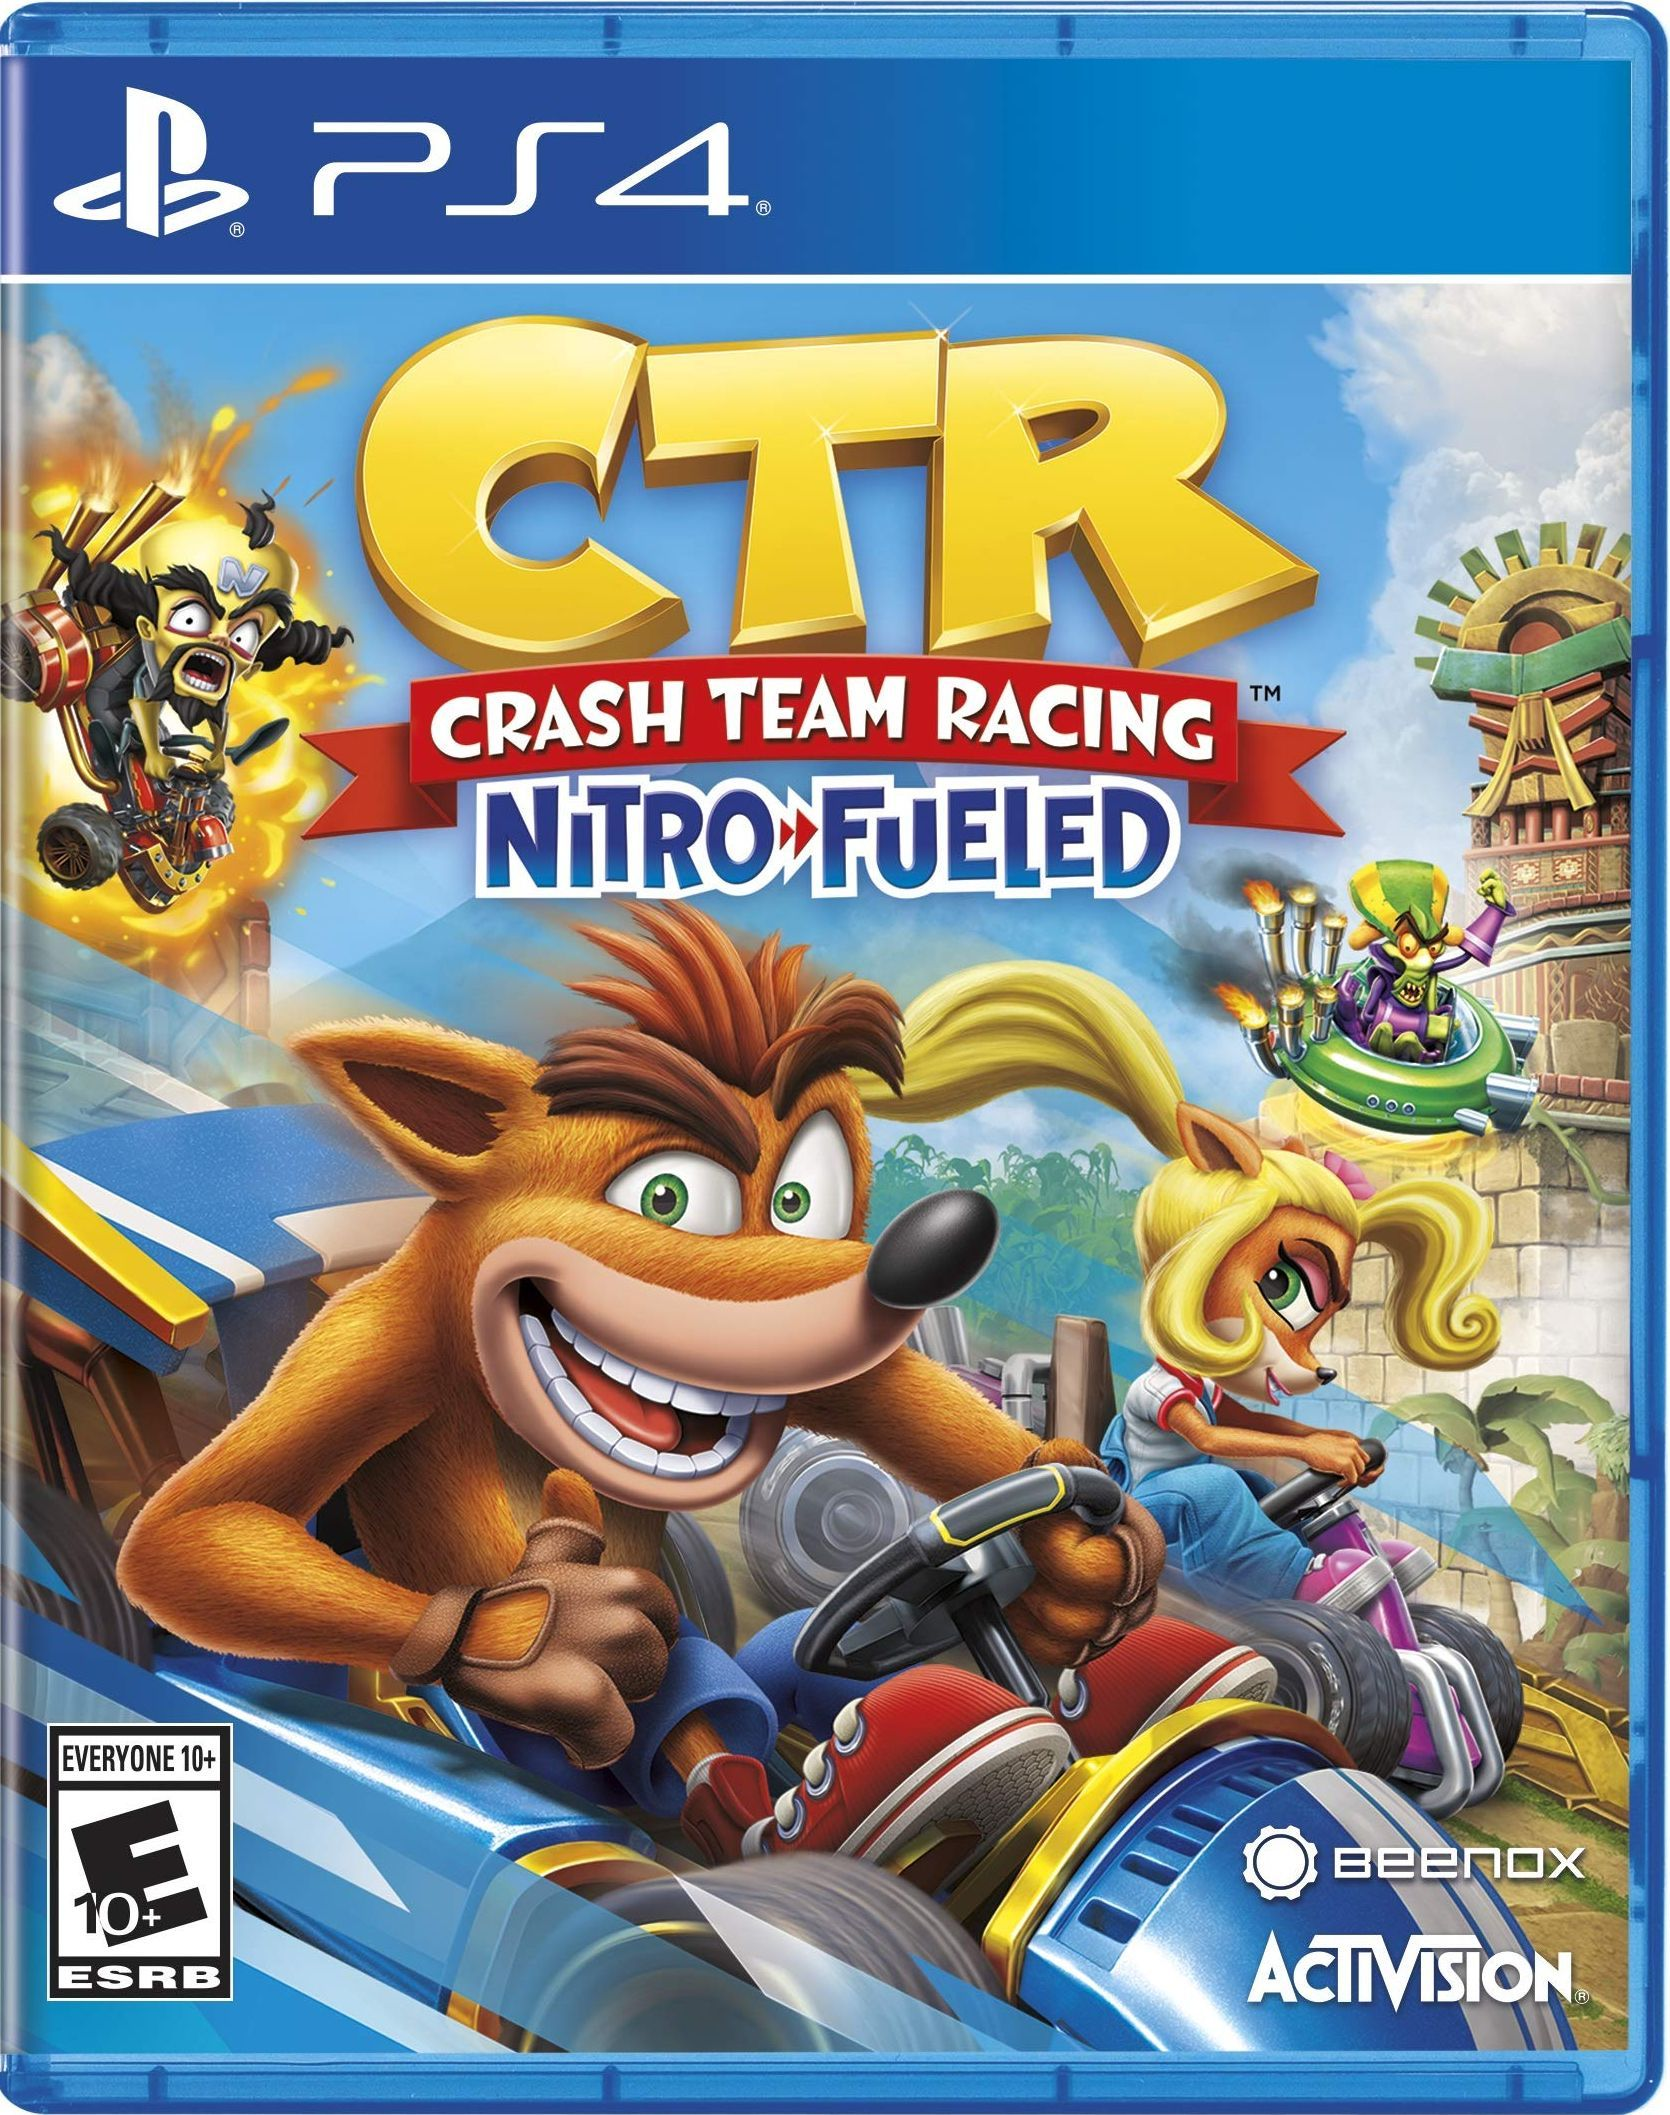 Crash Team Racing Juegos de xbox one, Playstation